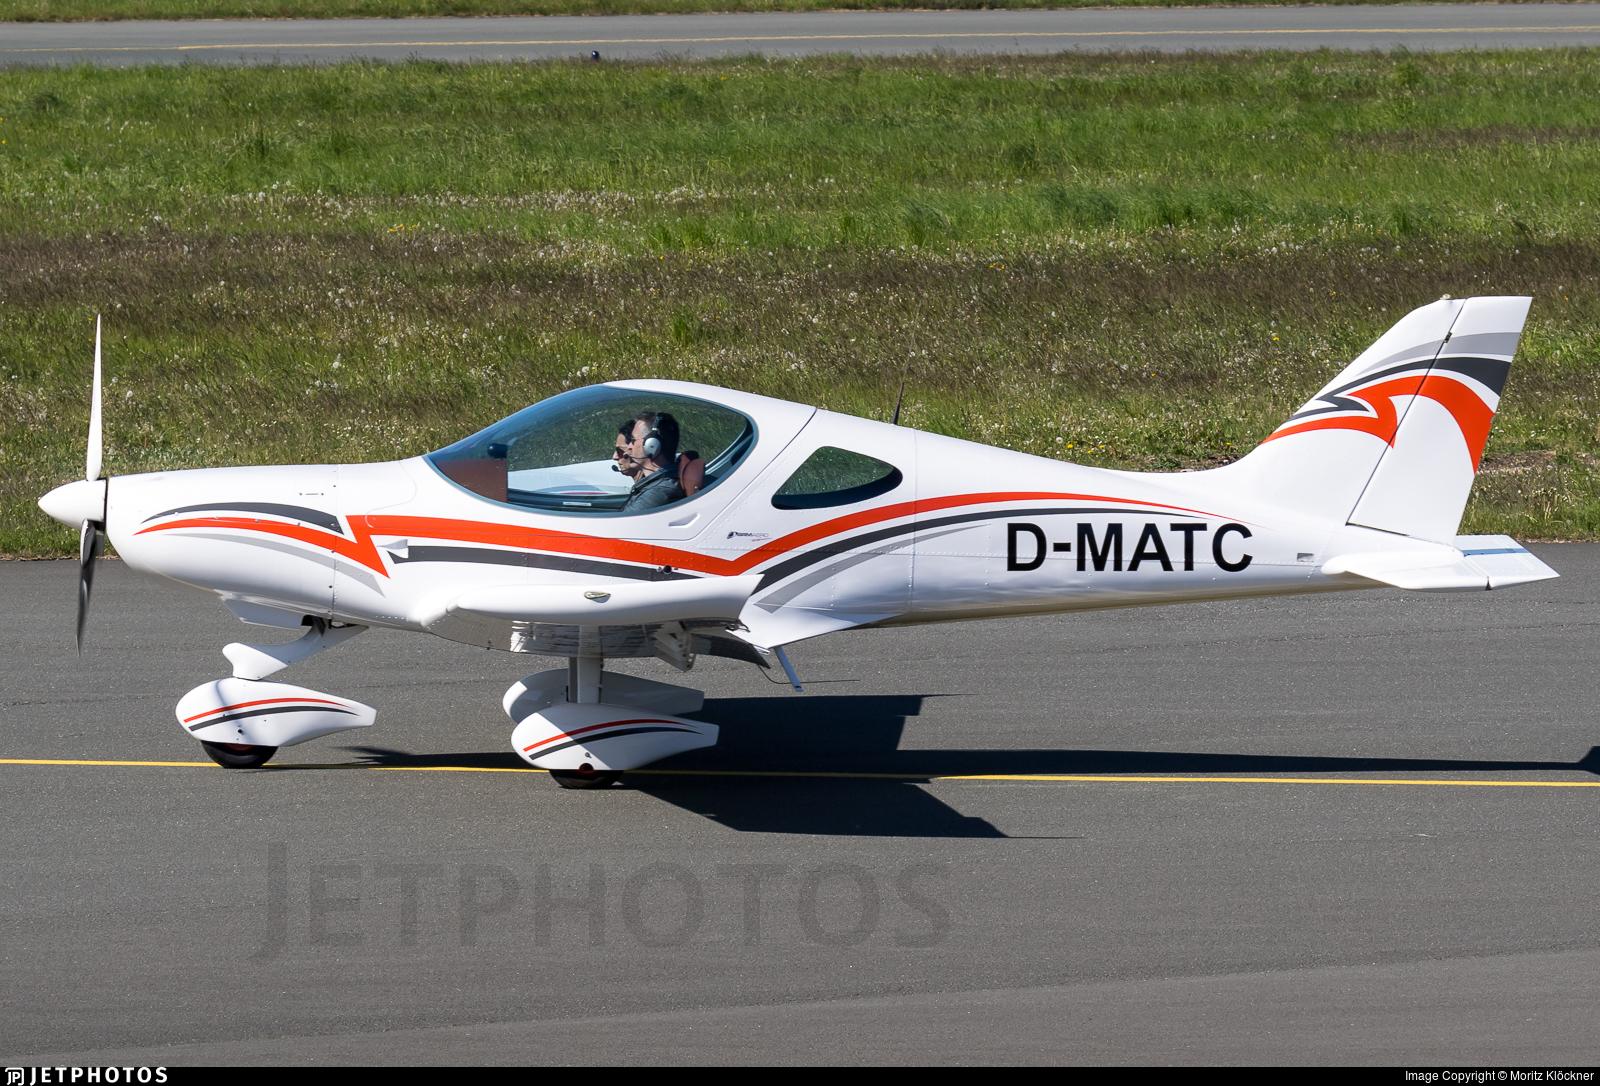 D-MATC - BRM Aero Bristell NG5 - Private